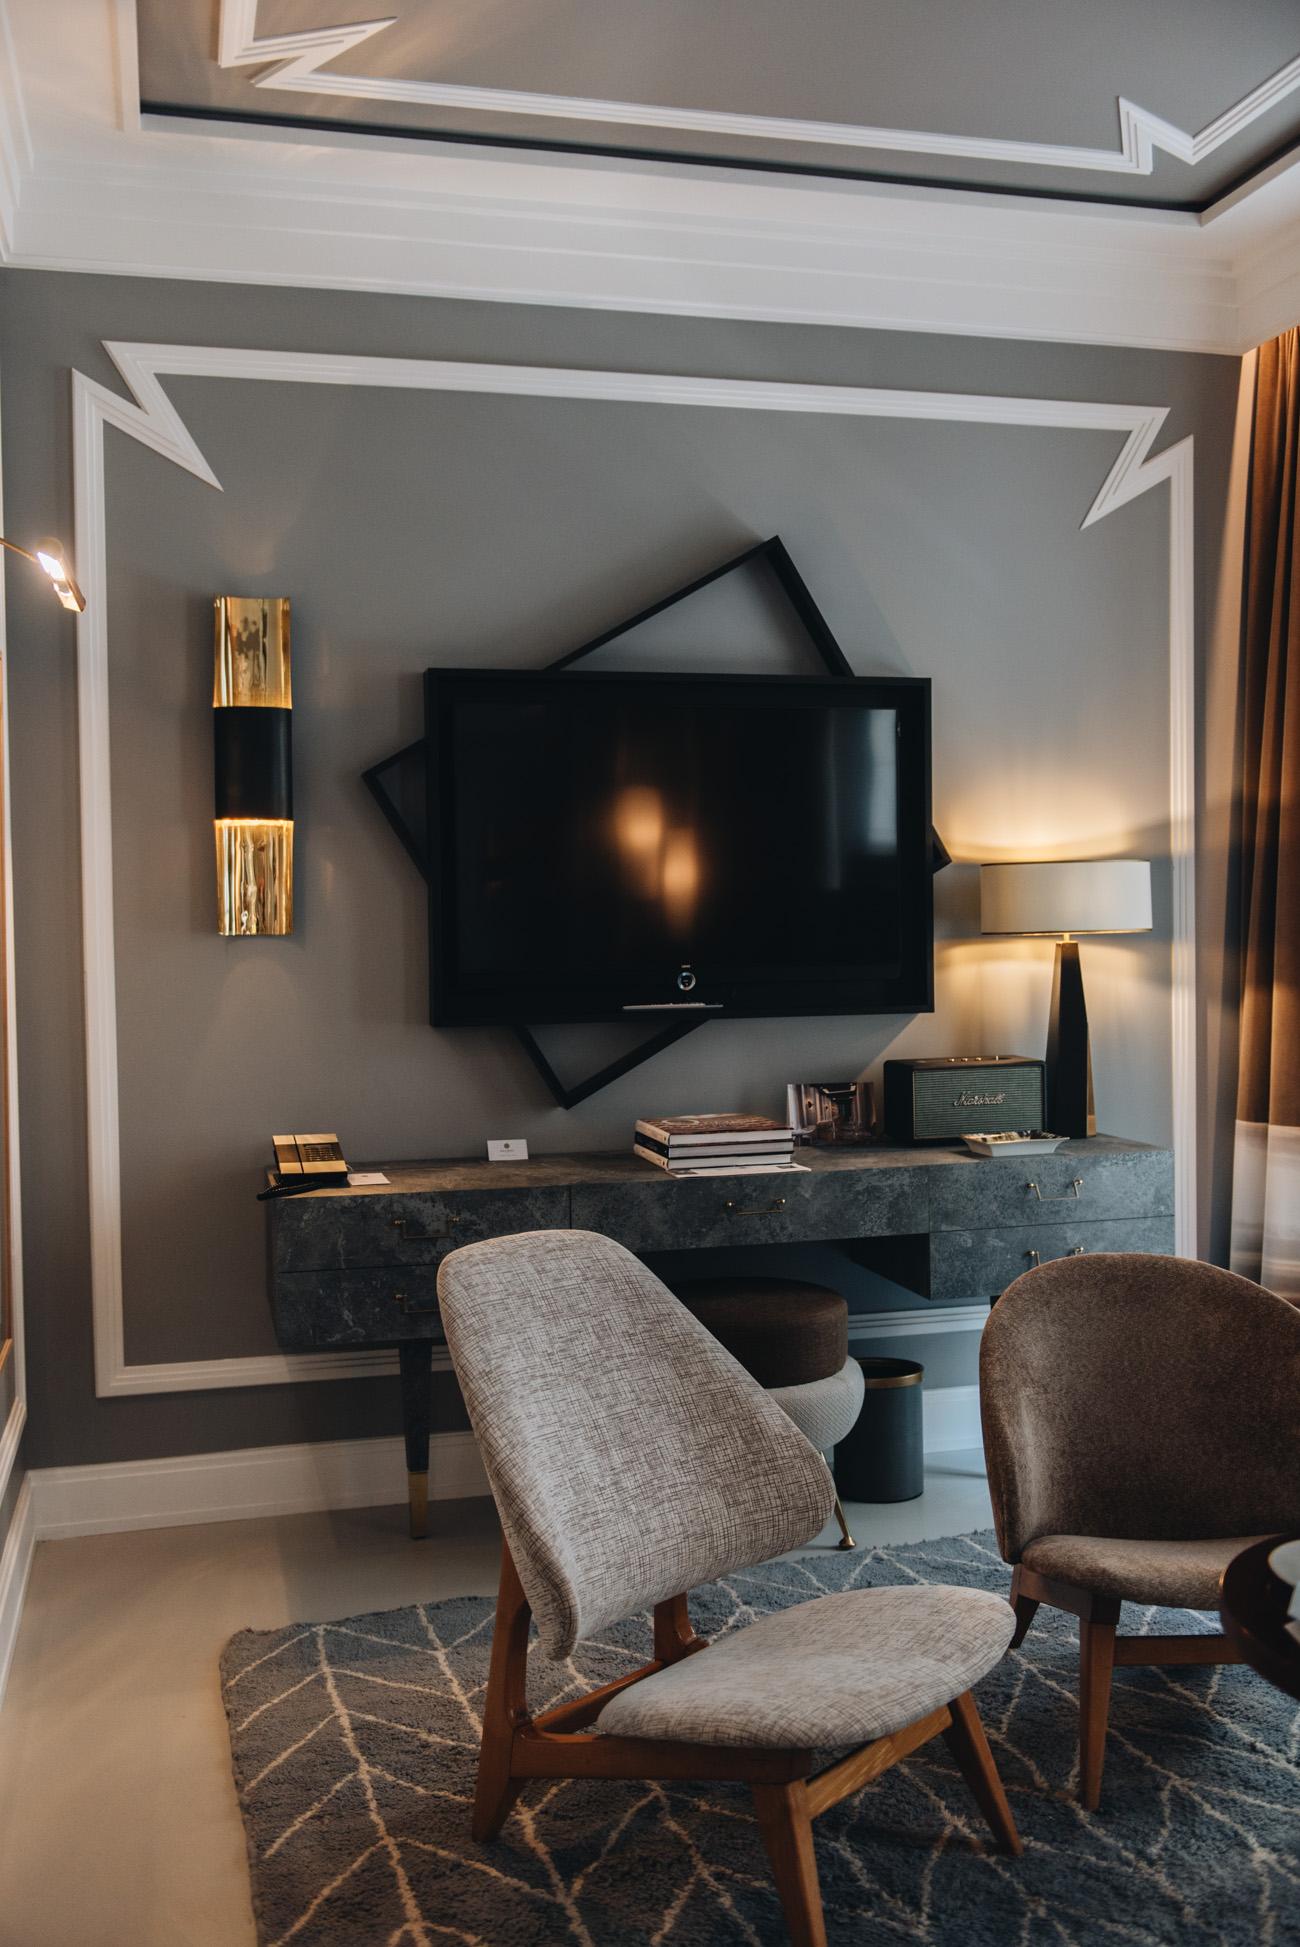 Nolinski-Hotel-Paris-Oper-erfahrung-test-suite-fashiioncarpet-nina-schwichtenberg